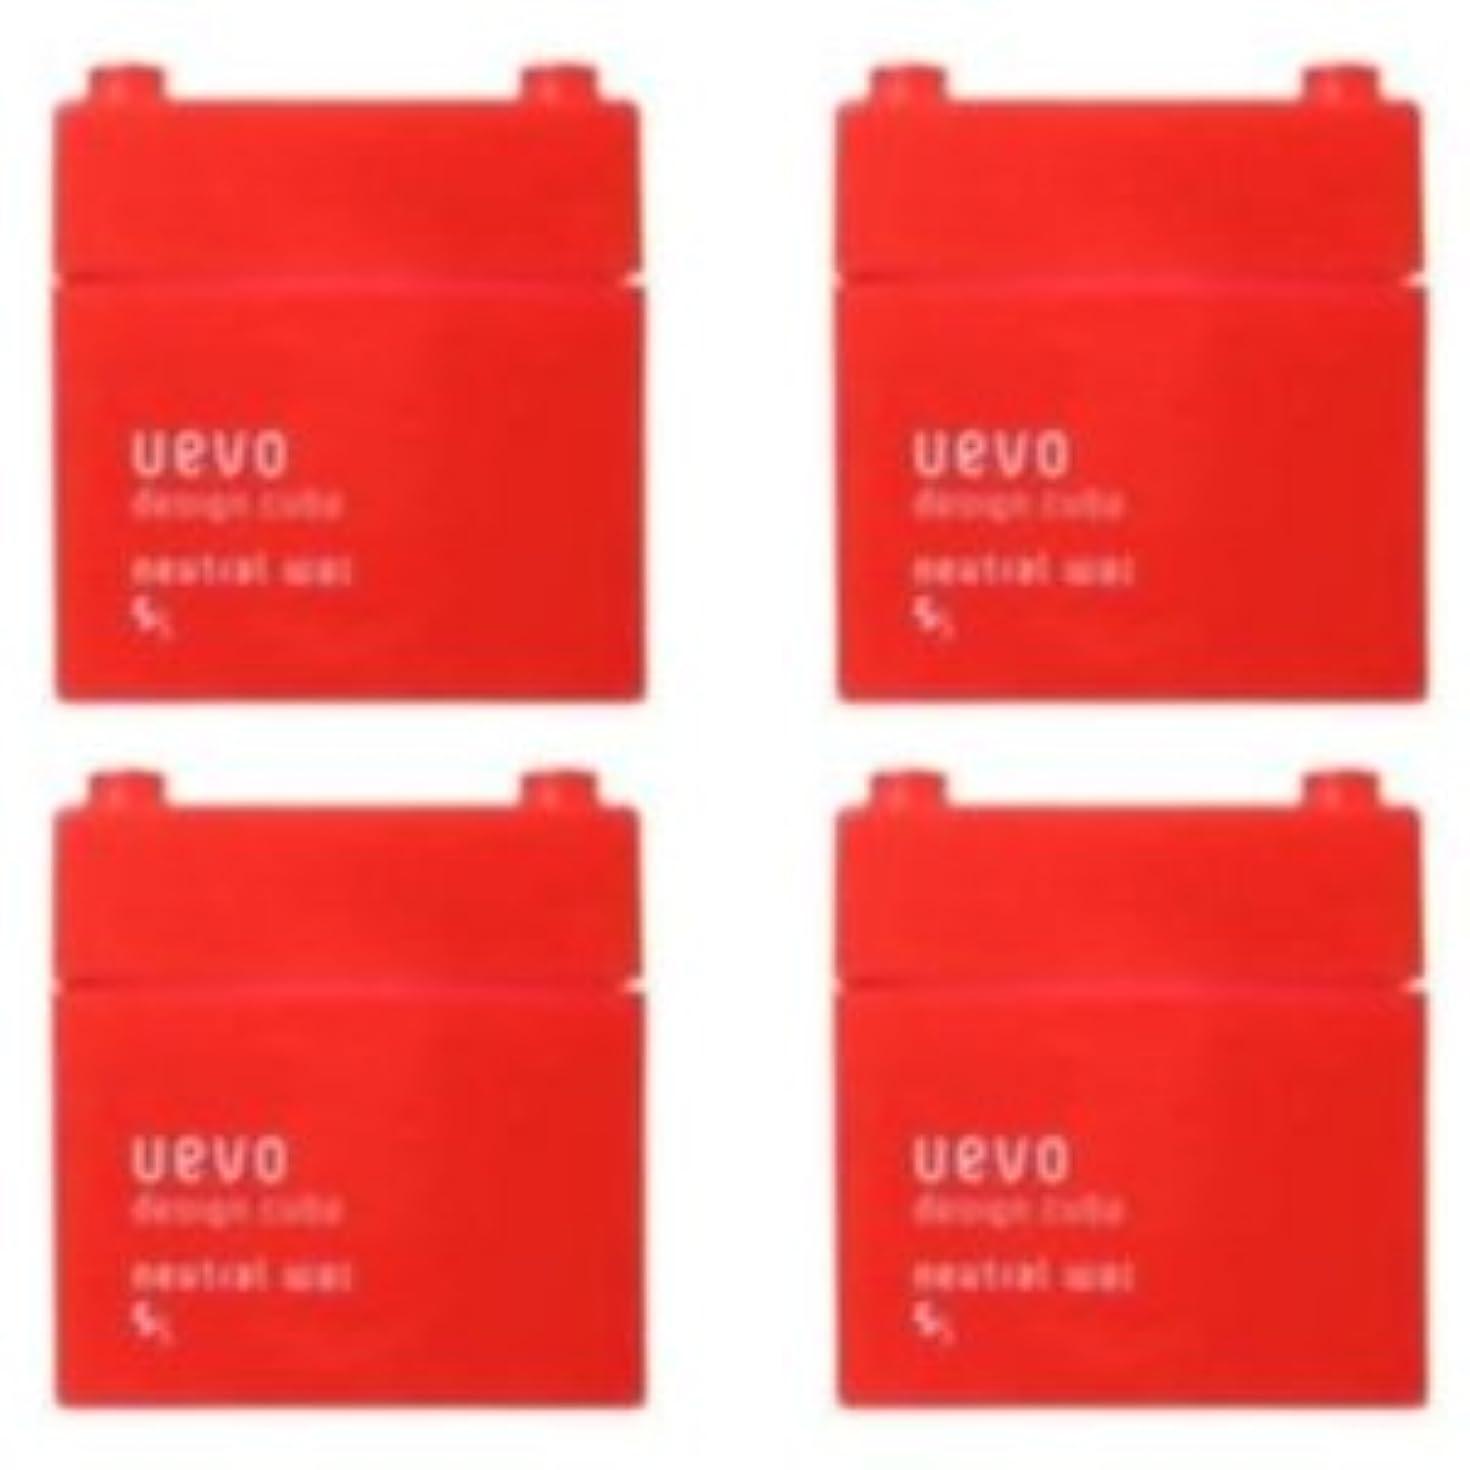 満了デッキ良心【X4個セット】 デミ ウェーボ デザインキューブ ニュートラルワックス 80g neutral wax DEMI uevo design cube